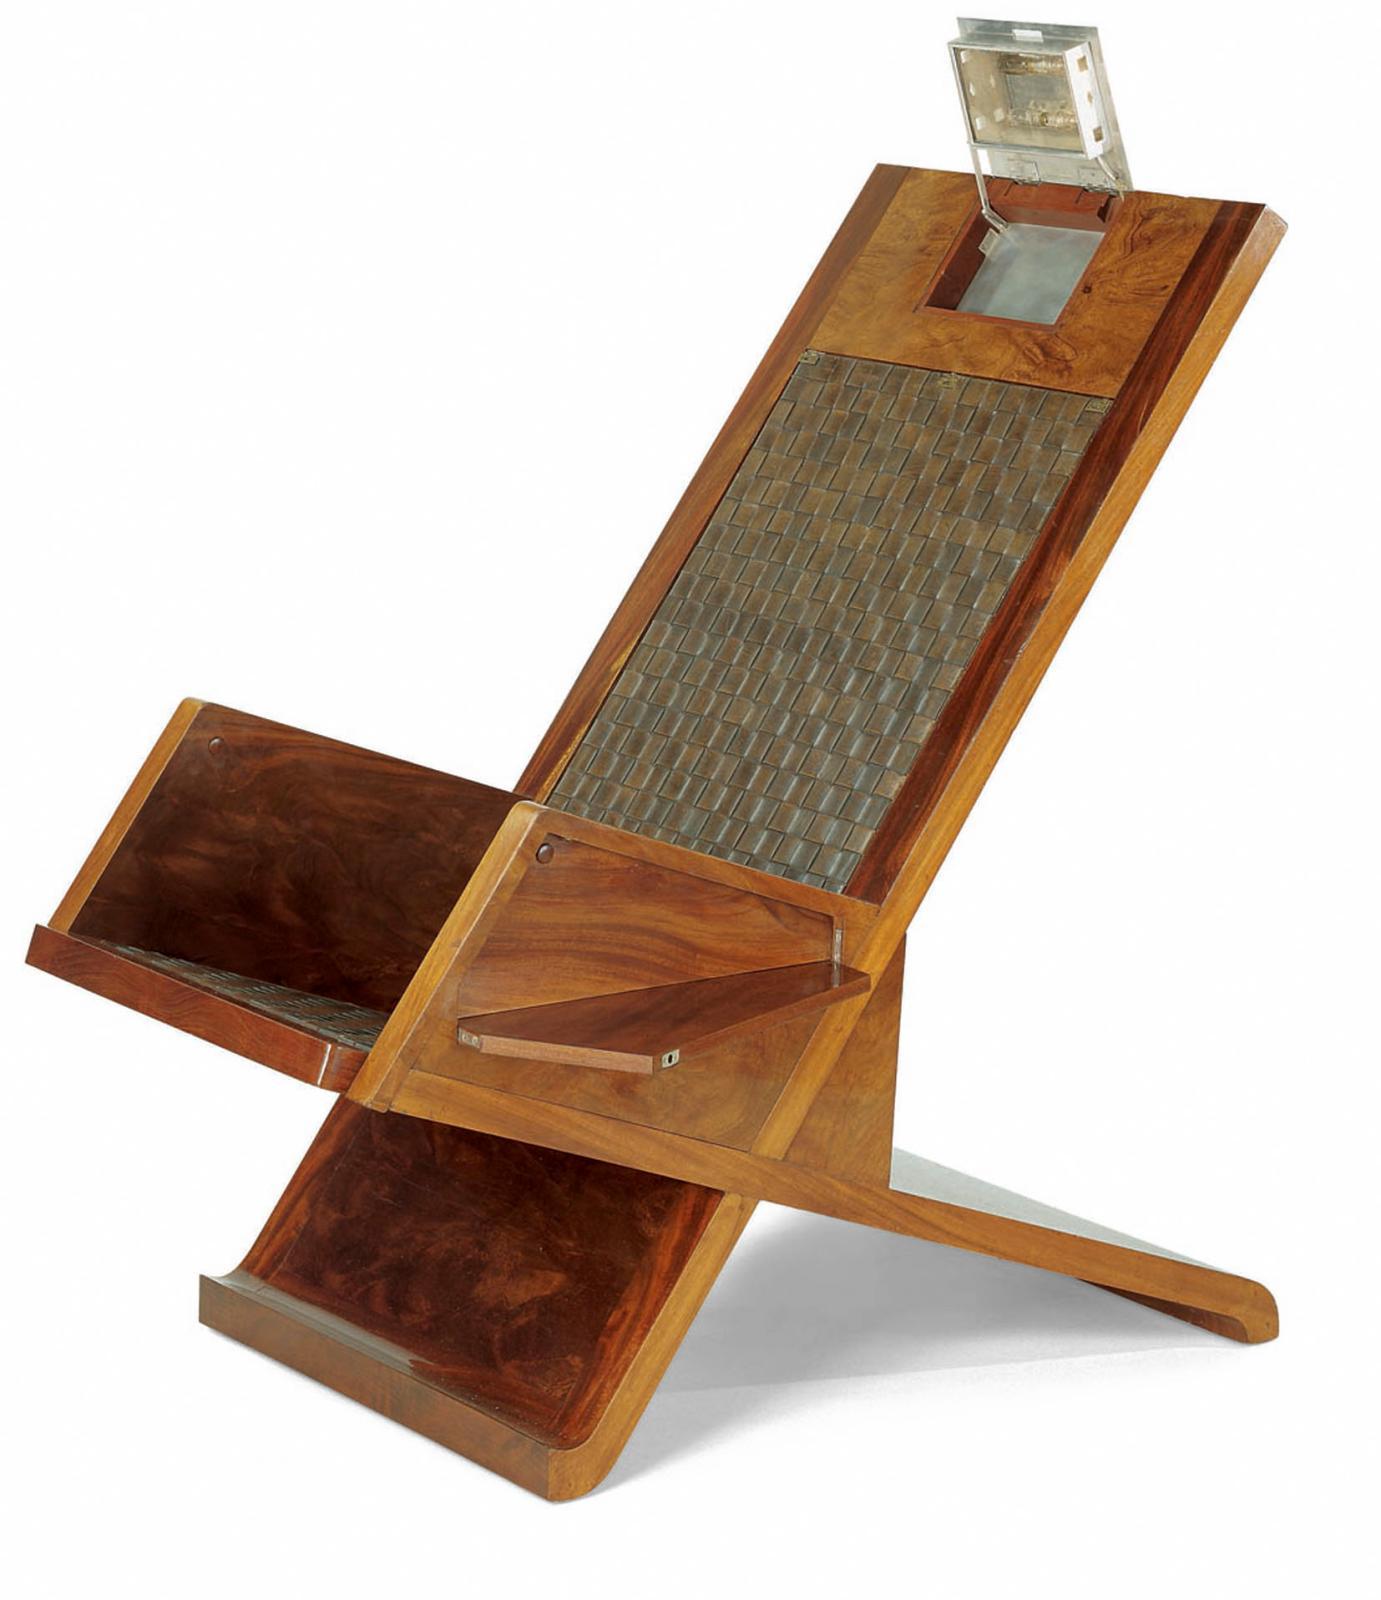 Pierre Legrain et Roumy, fauteuil de repos, vers 1925-1928, Paris, musée des Arts décoratifs, don Jean-Édouard Dubrujeaud en souvenir de J